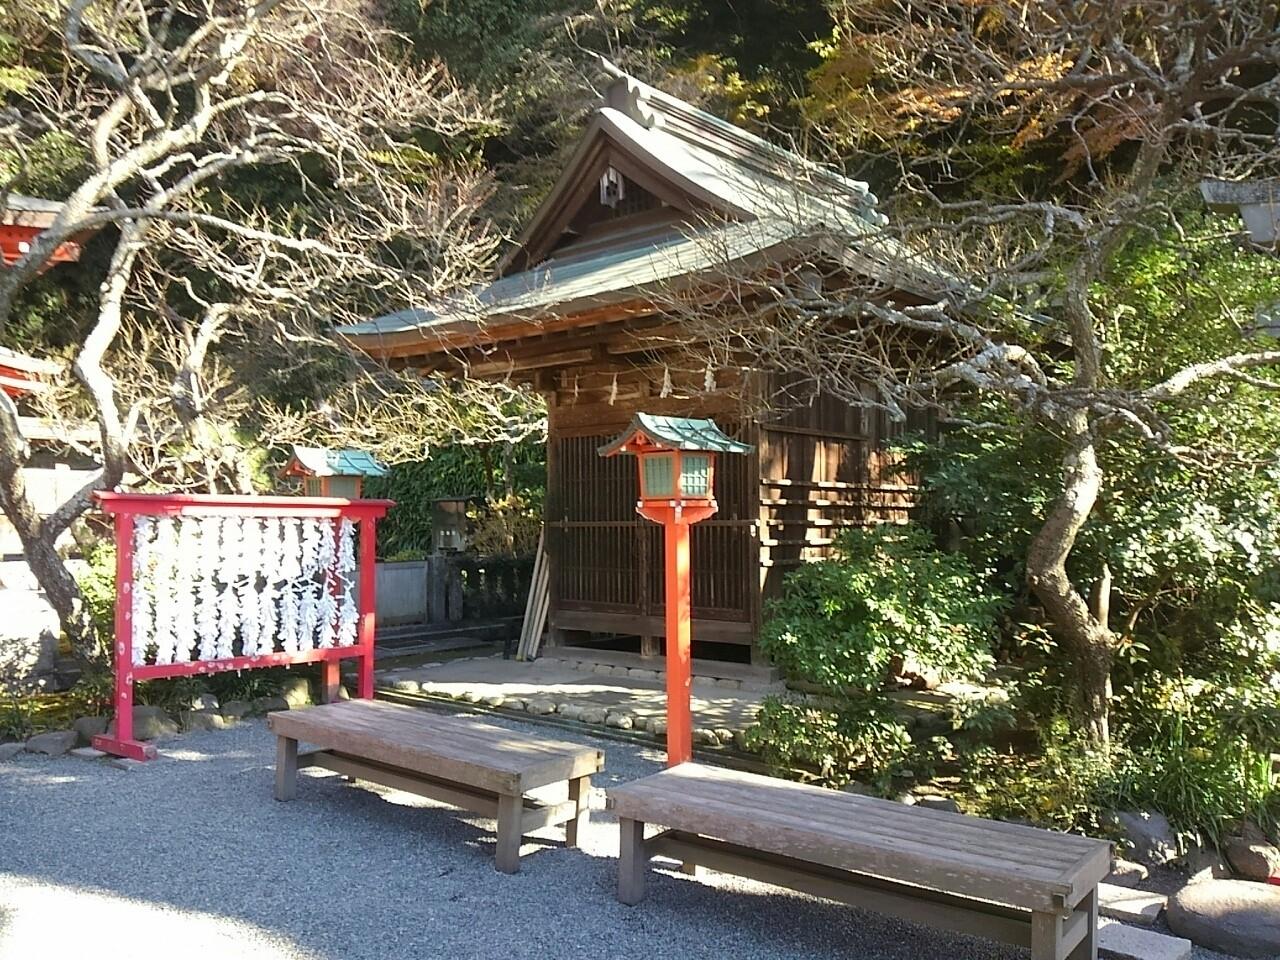 荏柄天神社(神奈川県鎌倉市)